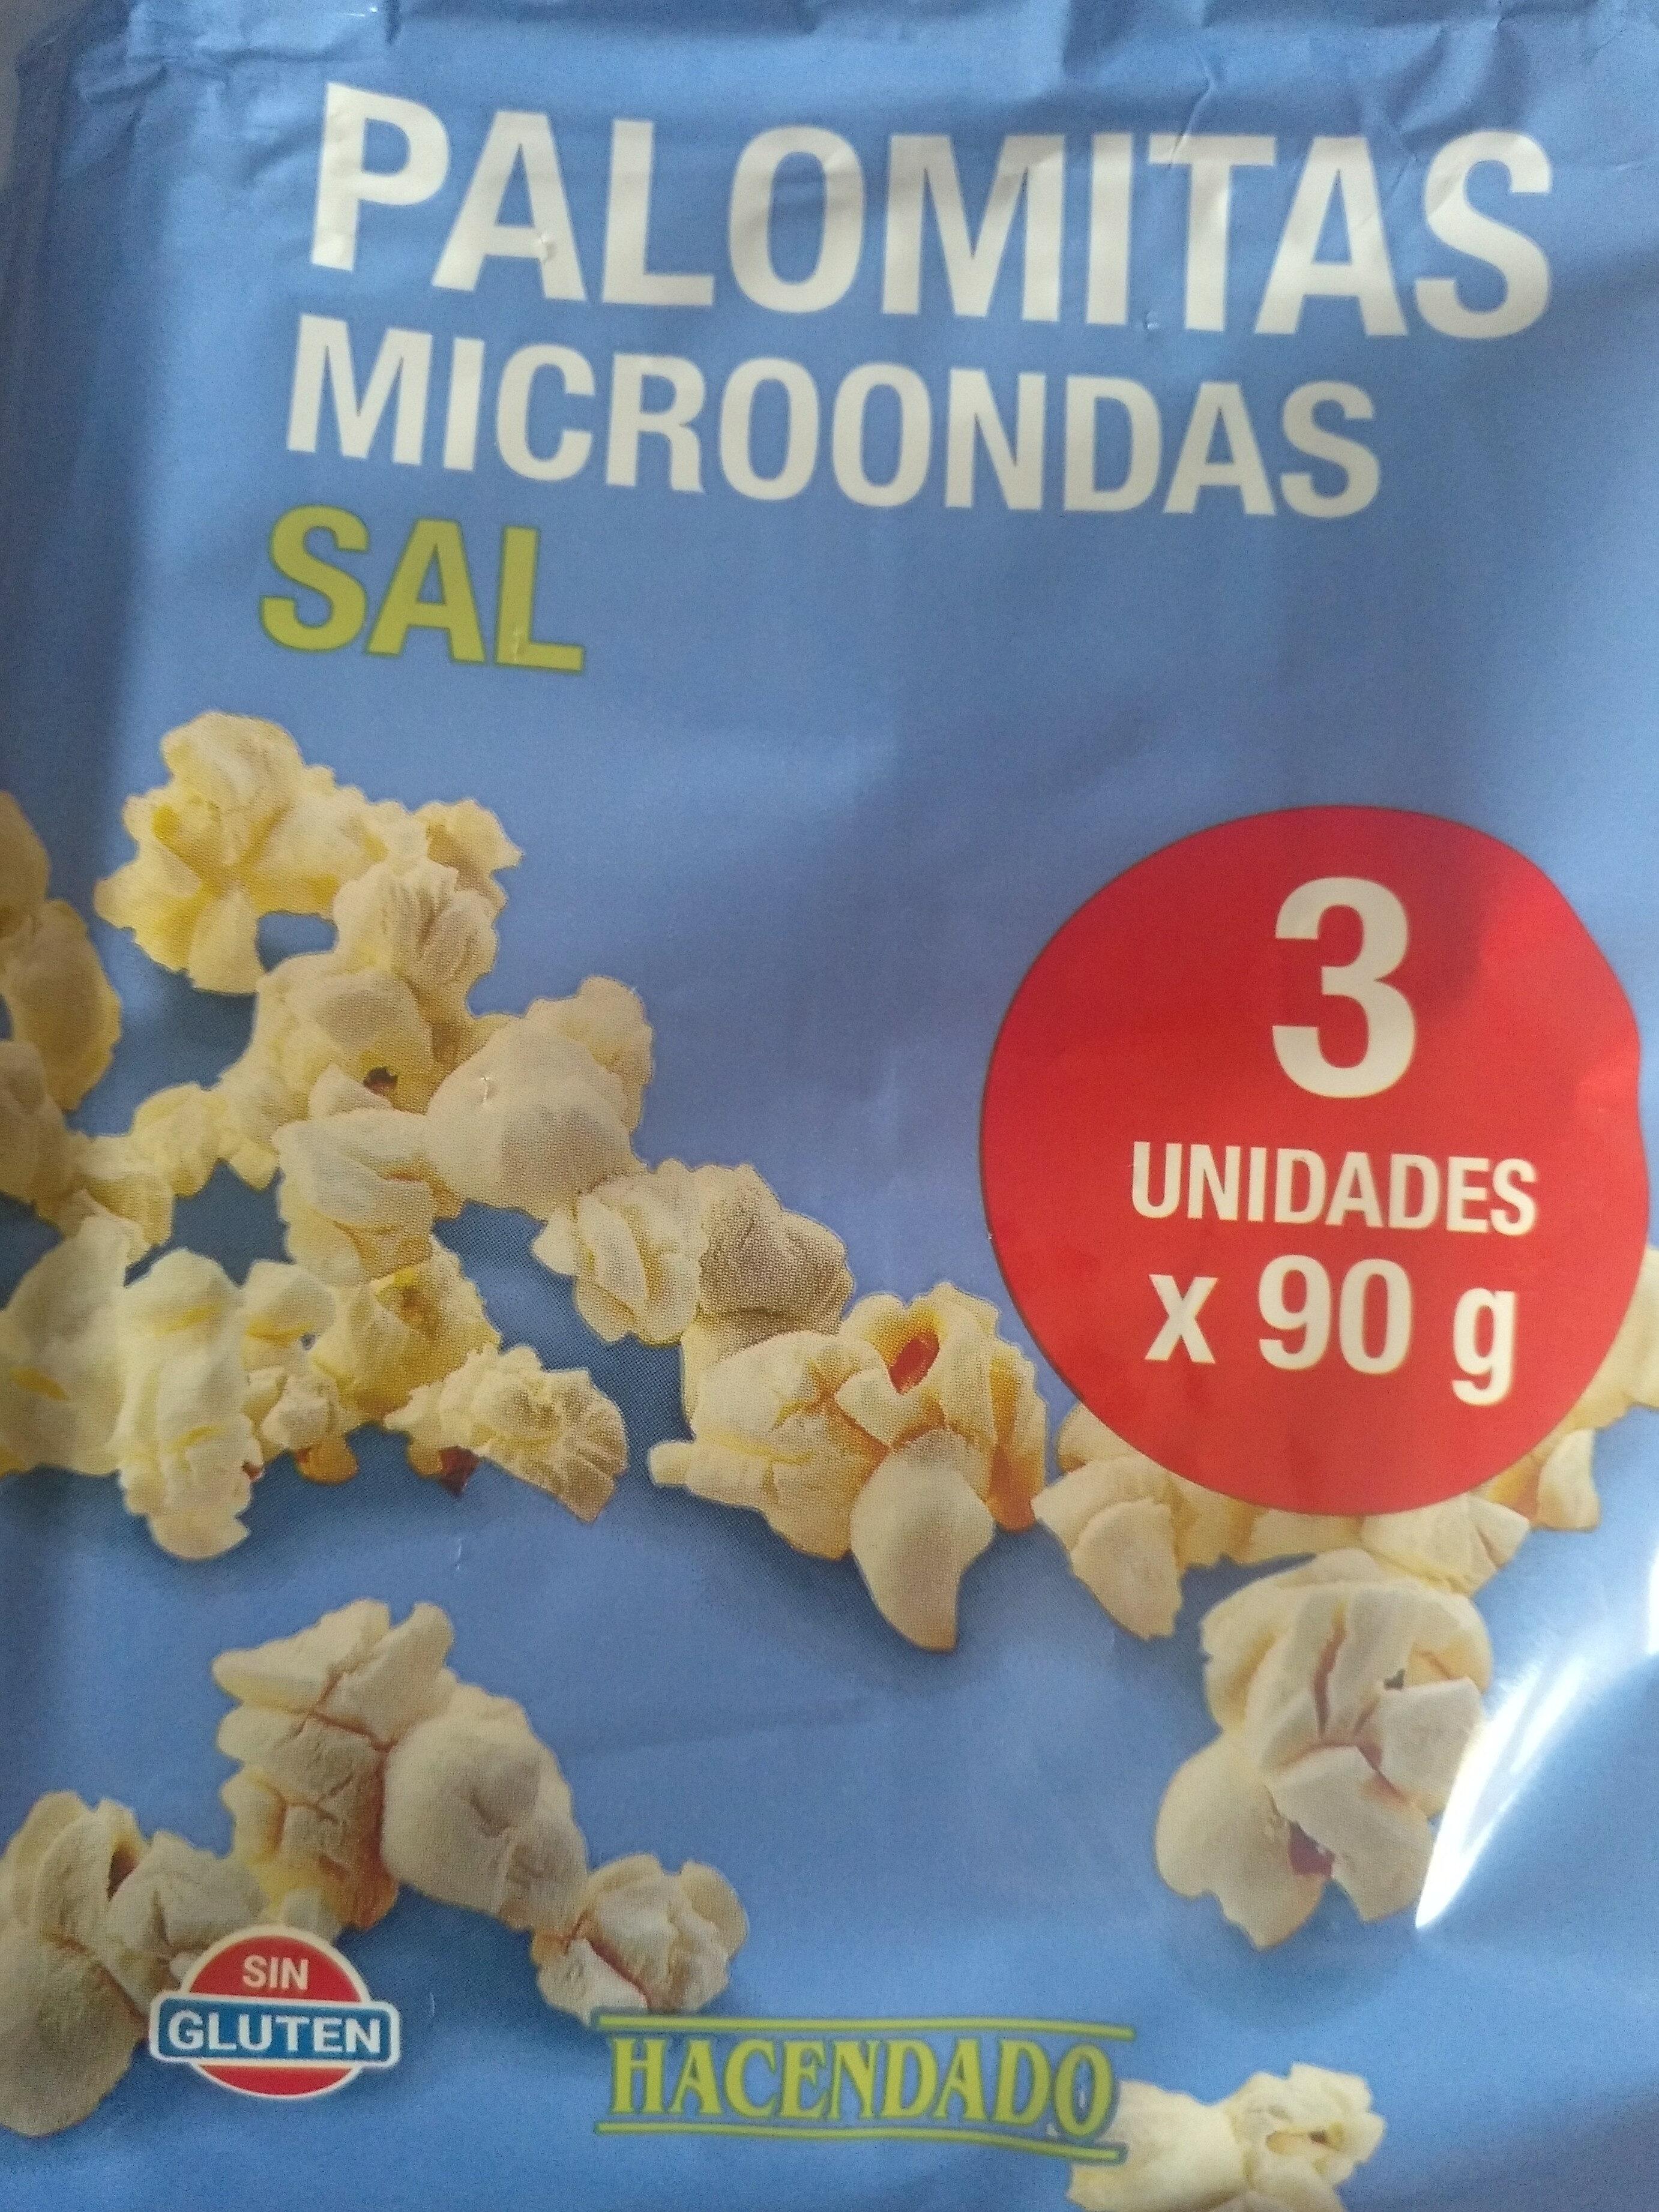 Palomitas Microondas - Producto